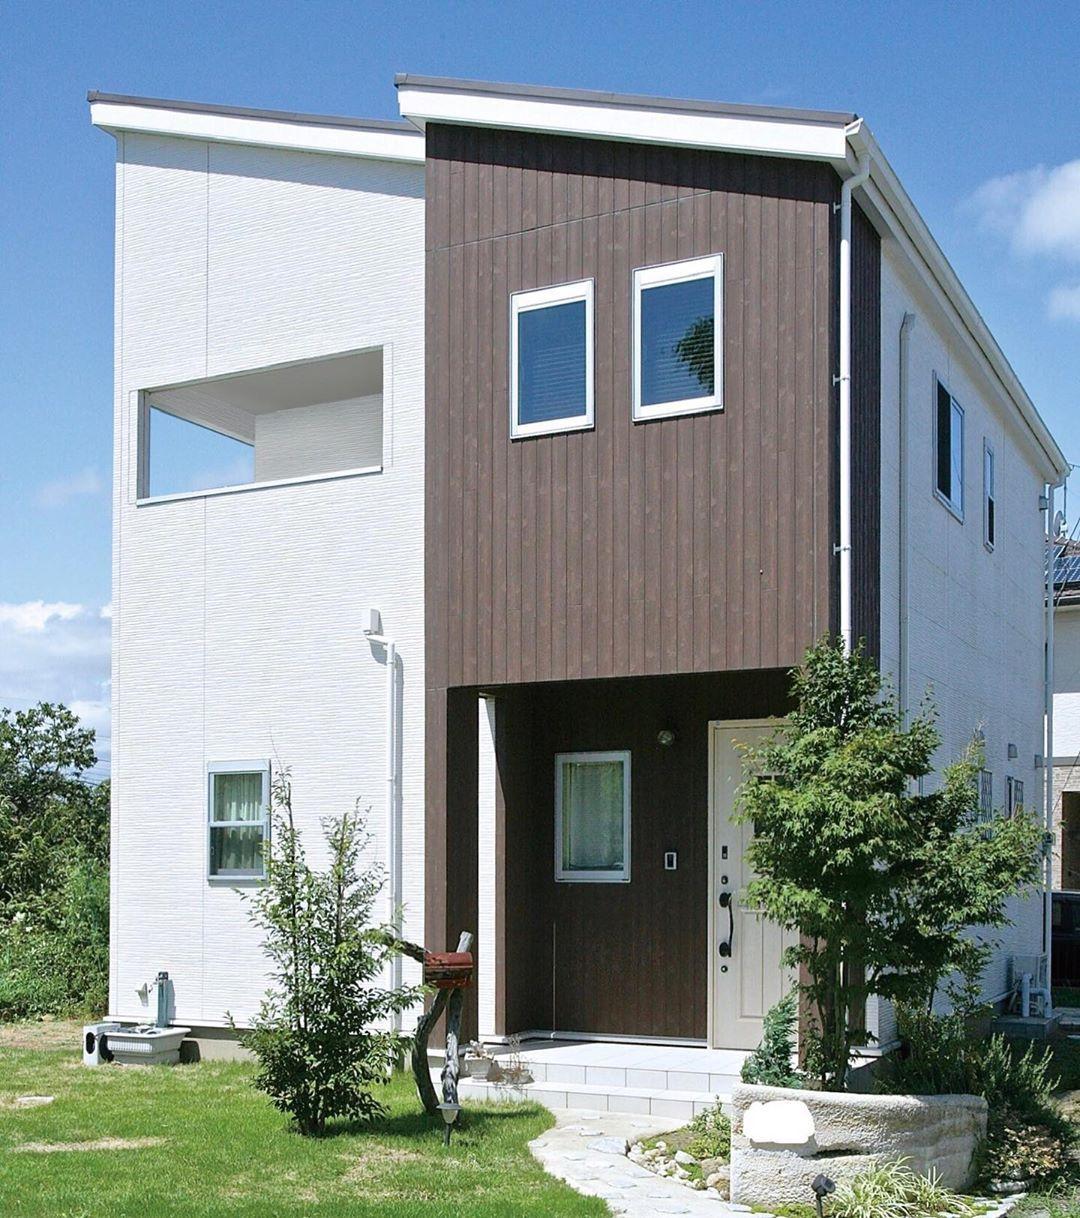 ホワイトの外壁に 木目柄の外壁を 組み合わせたお宅 シンプルな